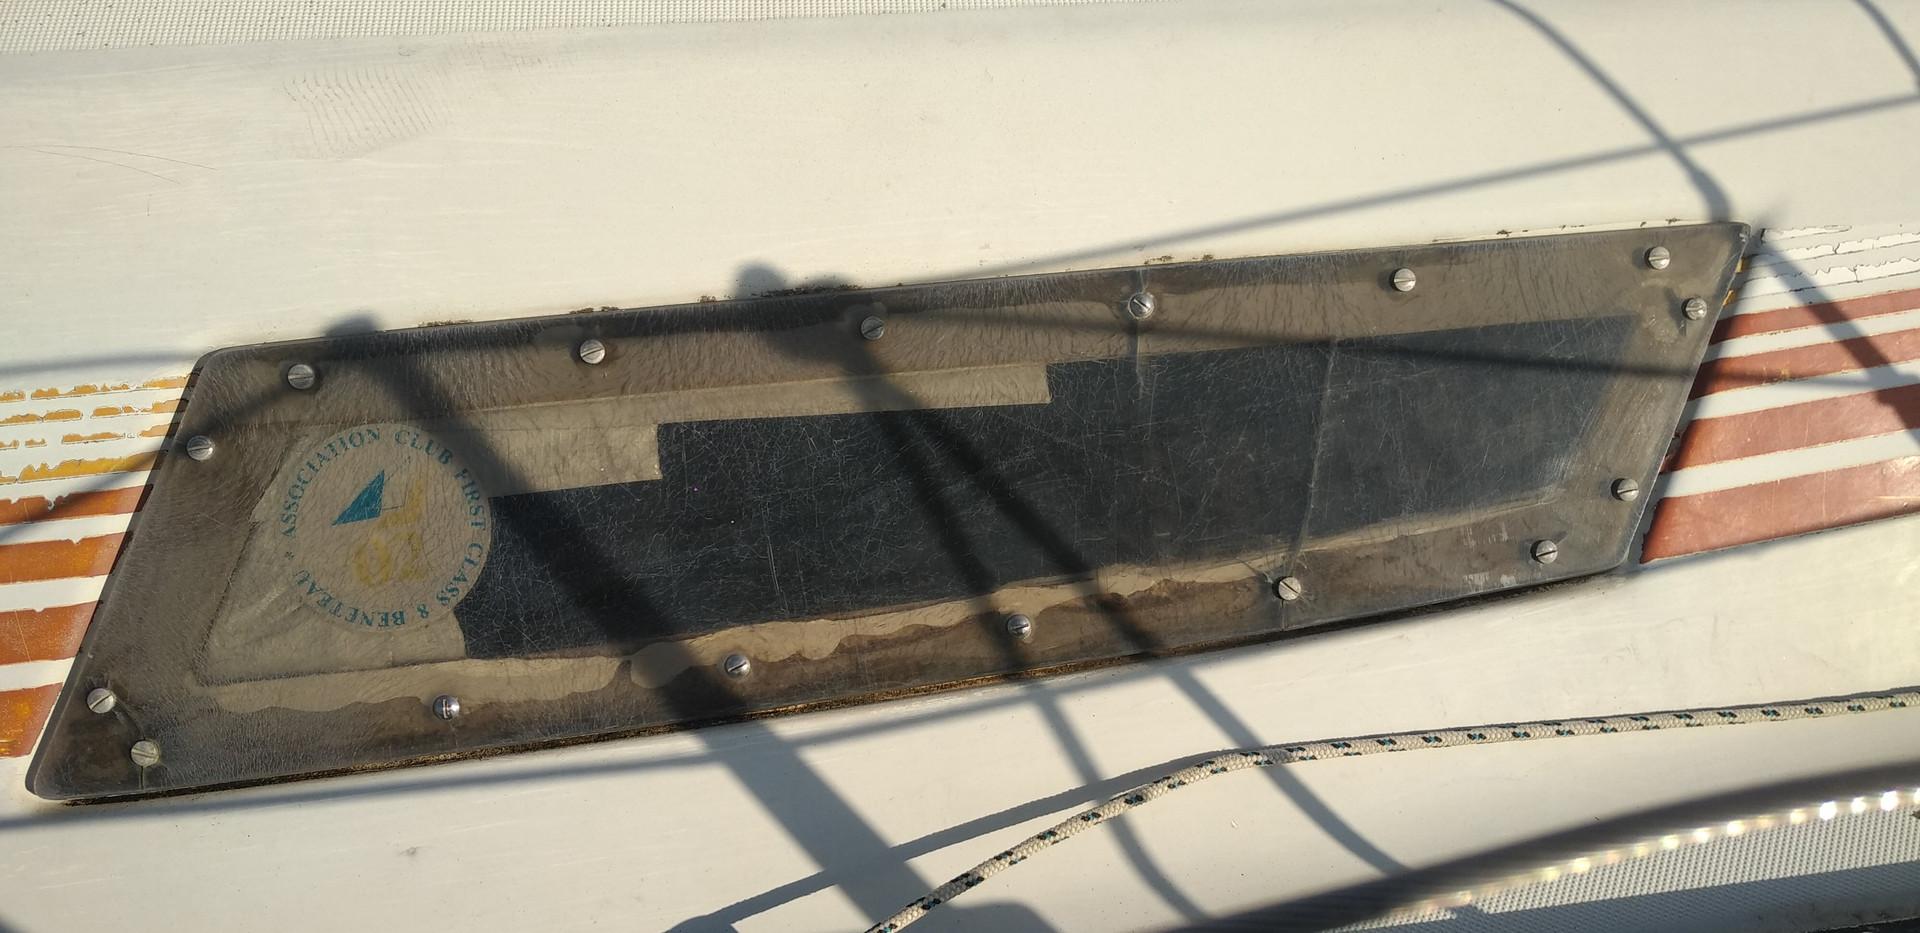 hublots d'un class 8 fisuré et perméable